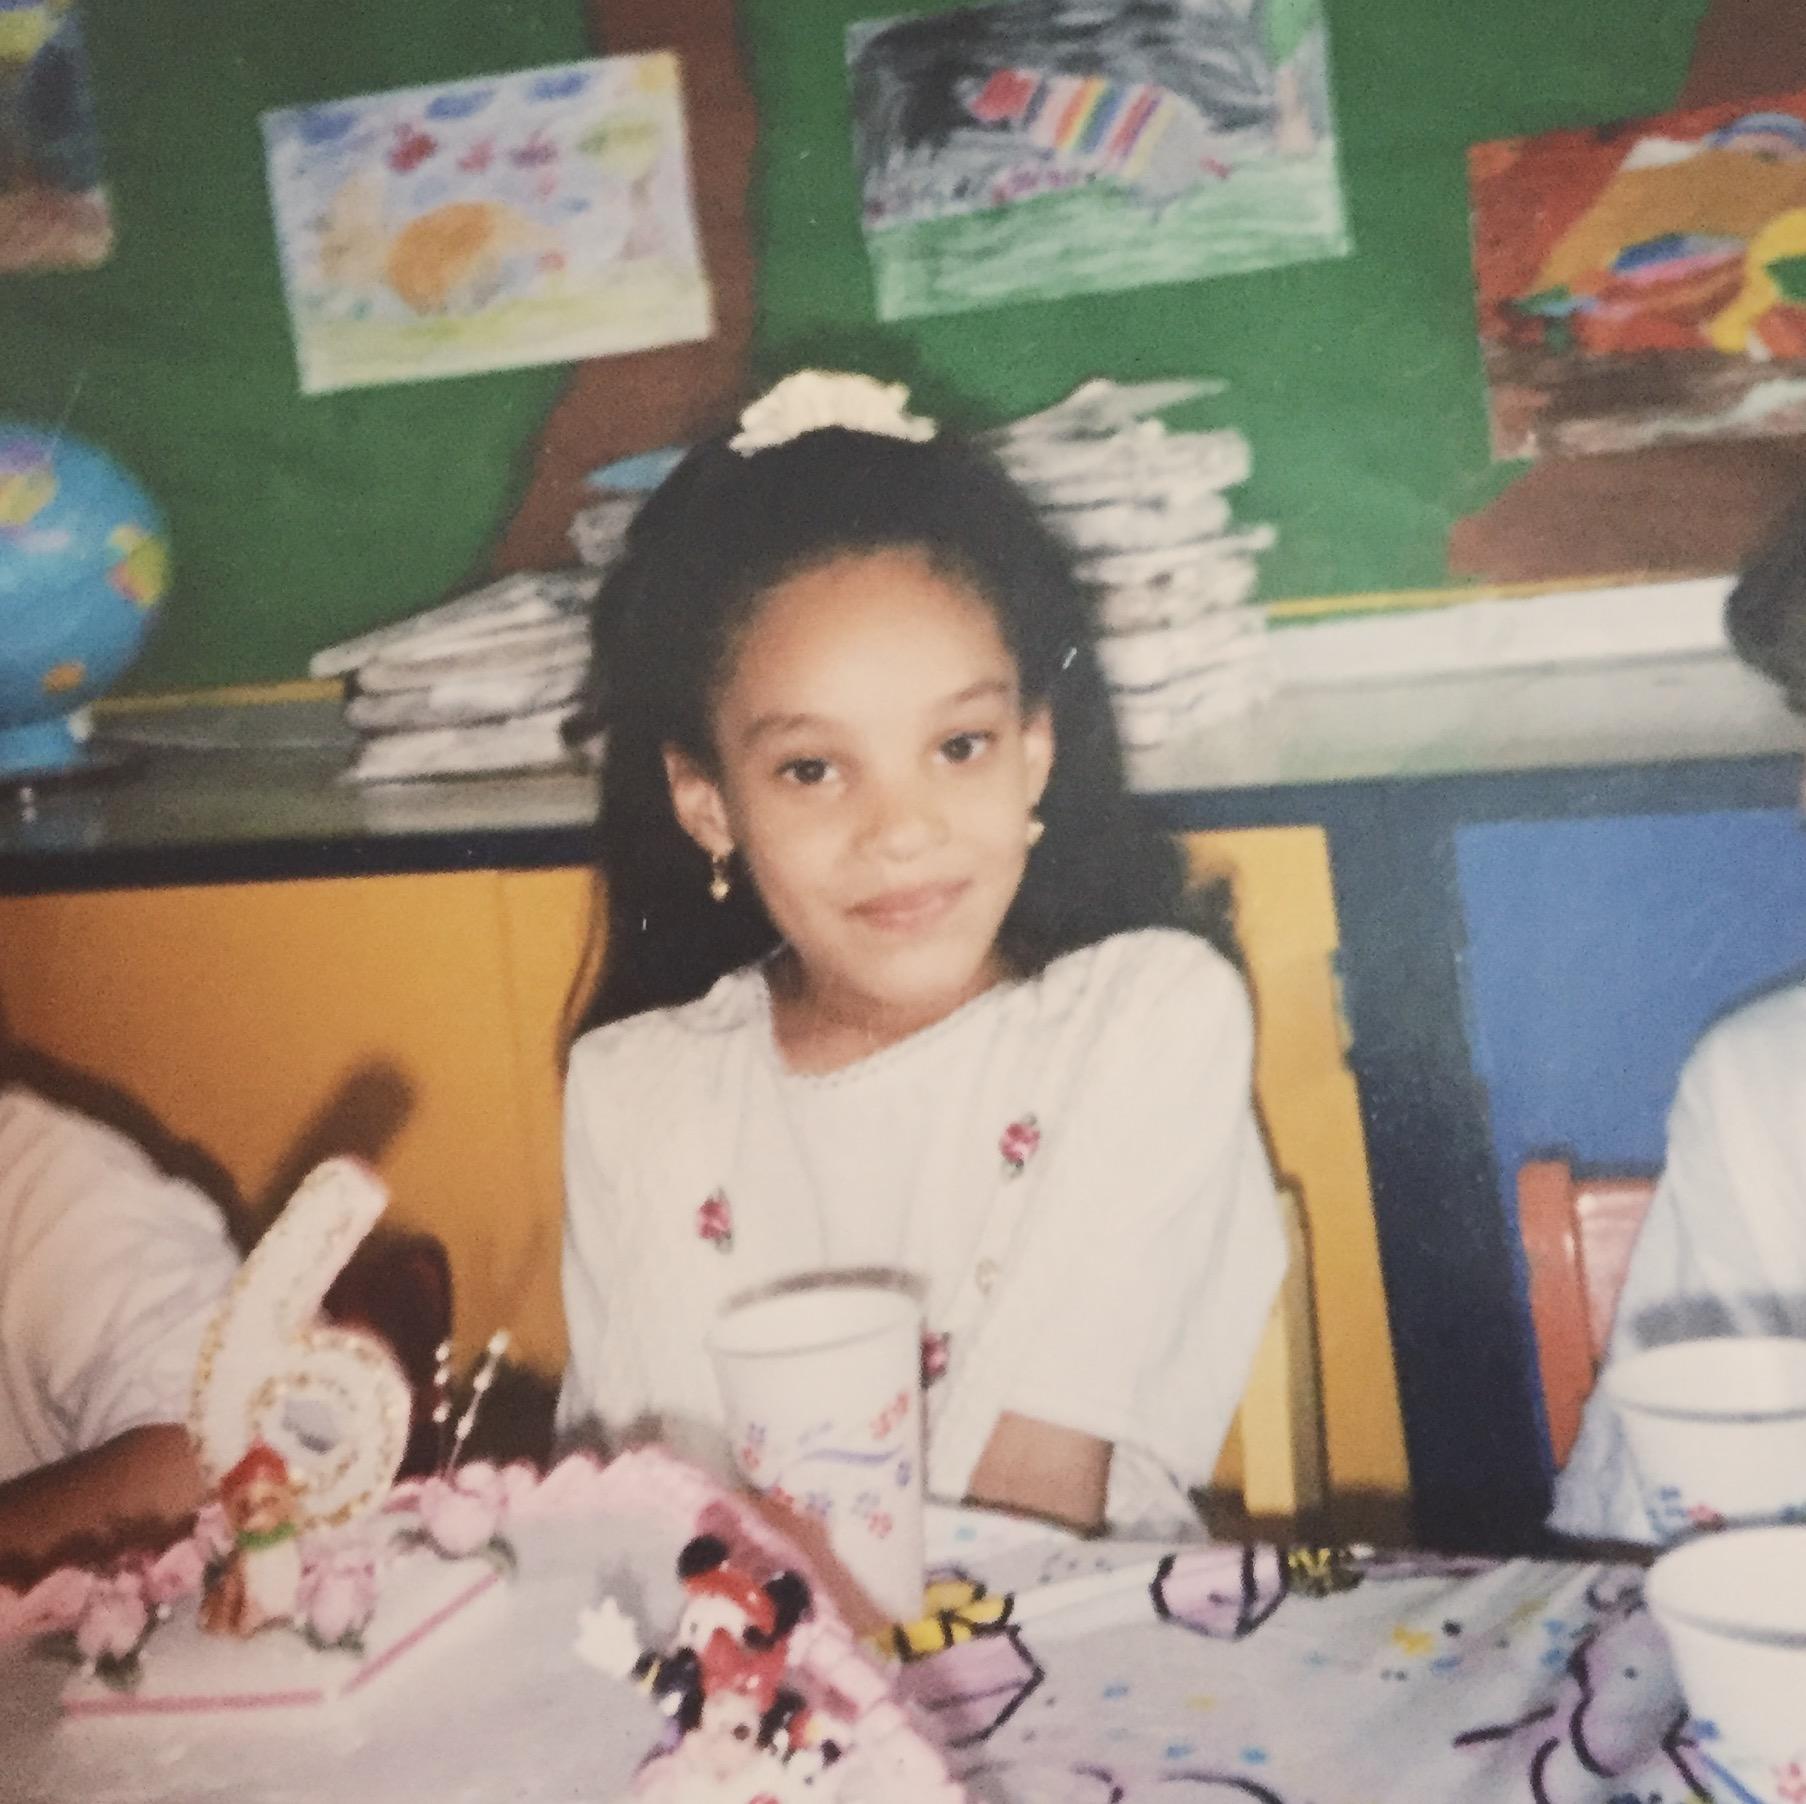 Kindergarten Birthday Party, 1996